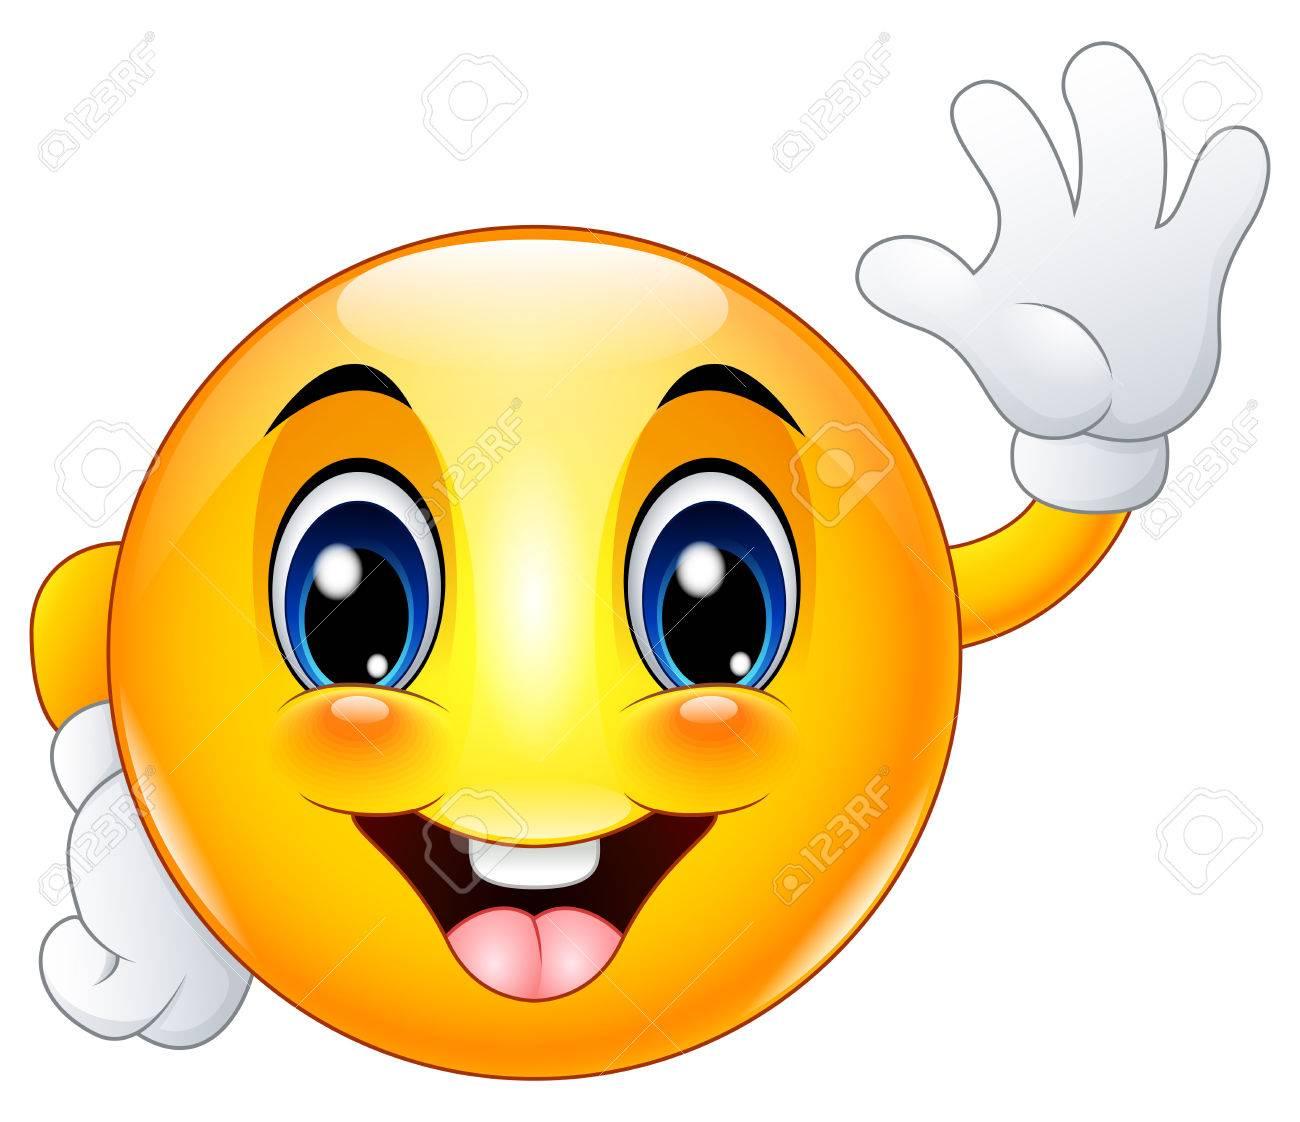 Cartoon emoticon smiley face waving hello - 75373775